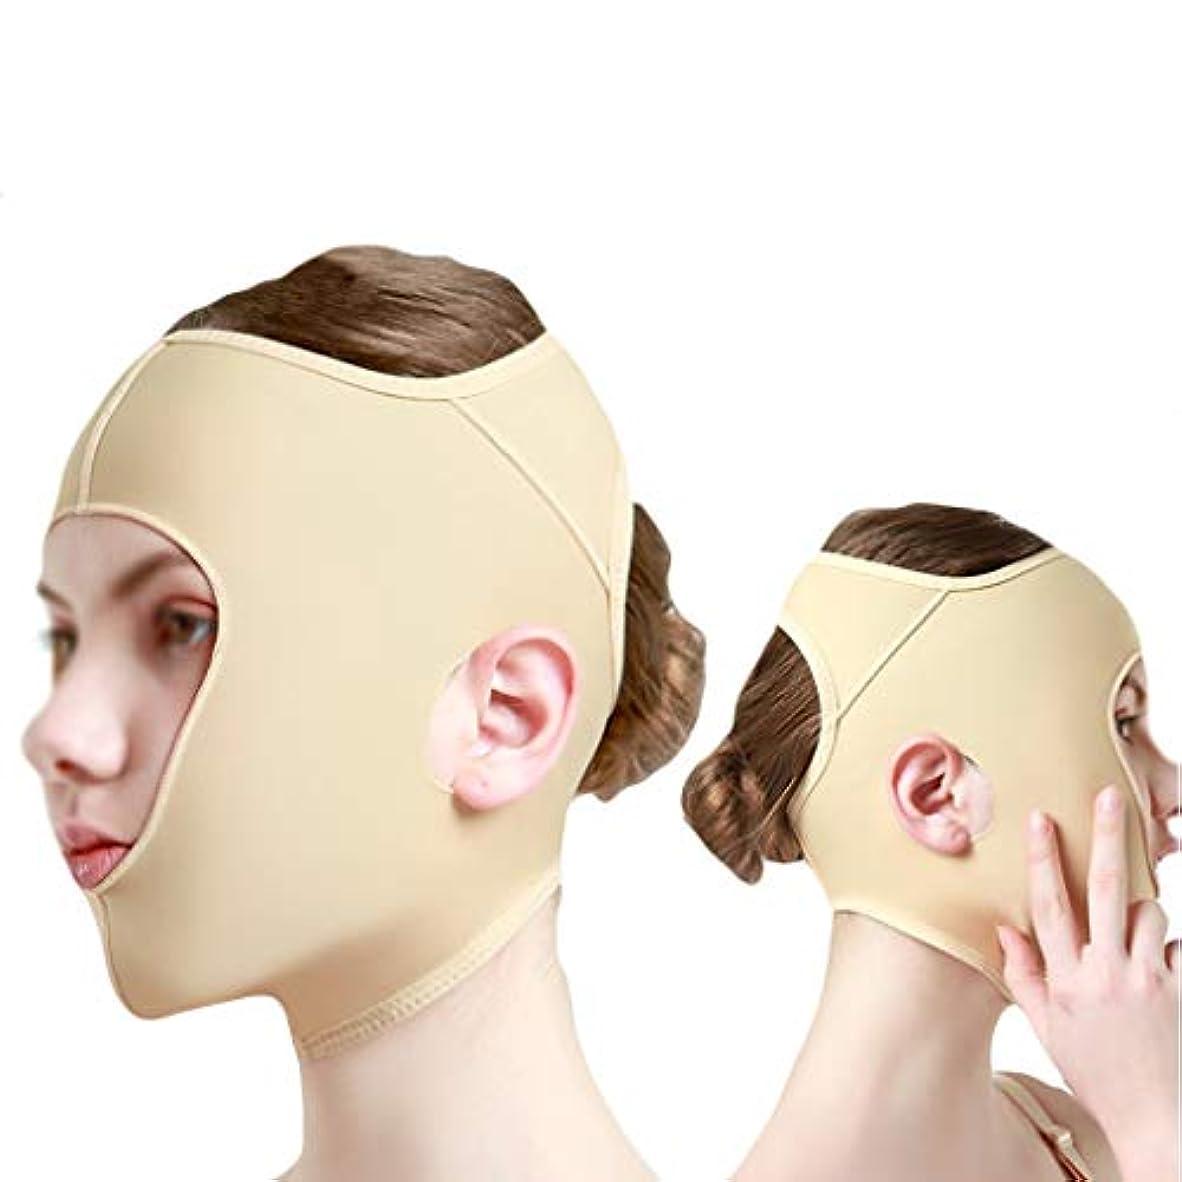 枯渇サンダース素晴らしさ顔の彫刻ツール、脂肪吸引フード、二重あご包帯、ストレッチマスク (Size : S)